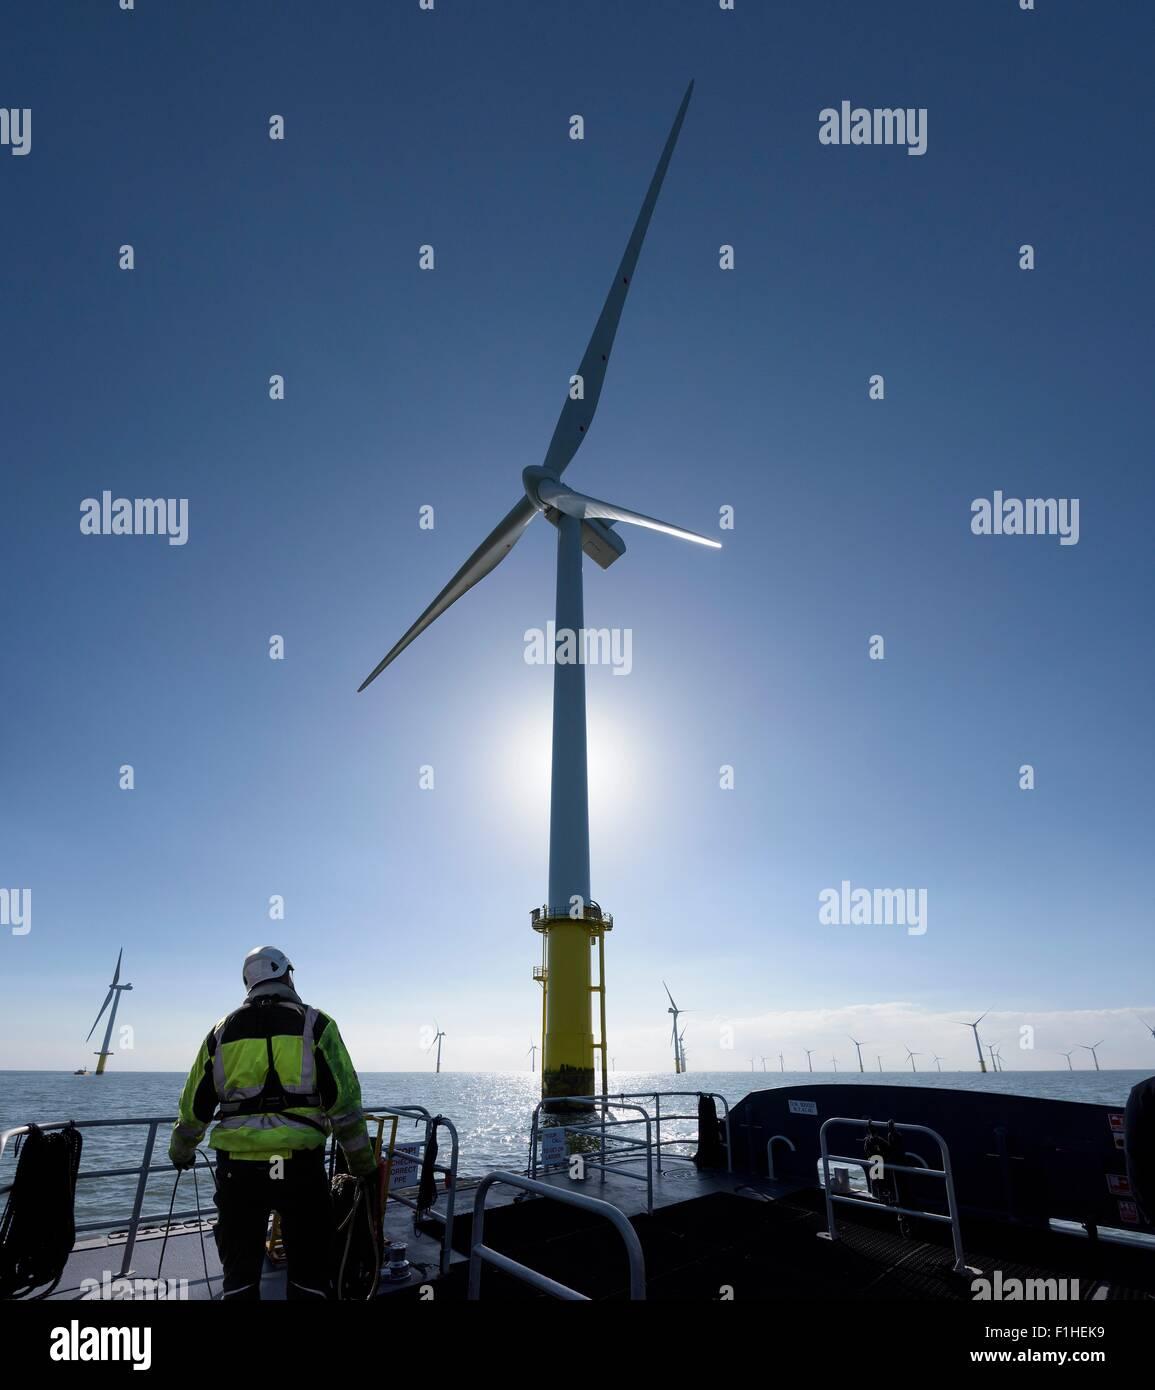 Trabajador en licitación de envío del servicio de parques eólicos offshore Imagen De Stock